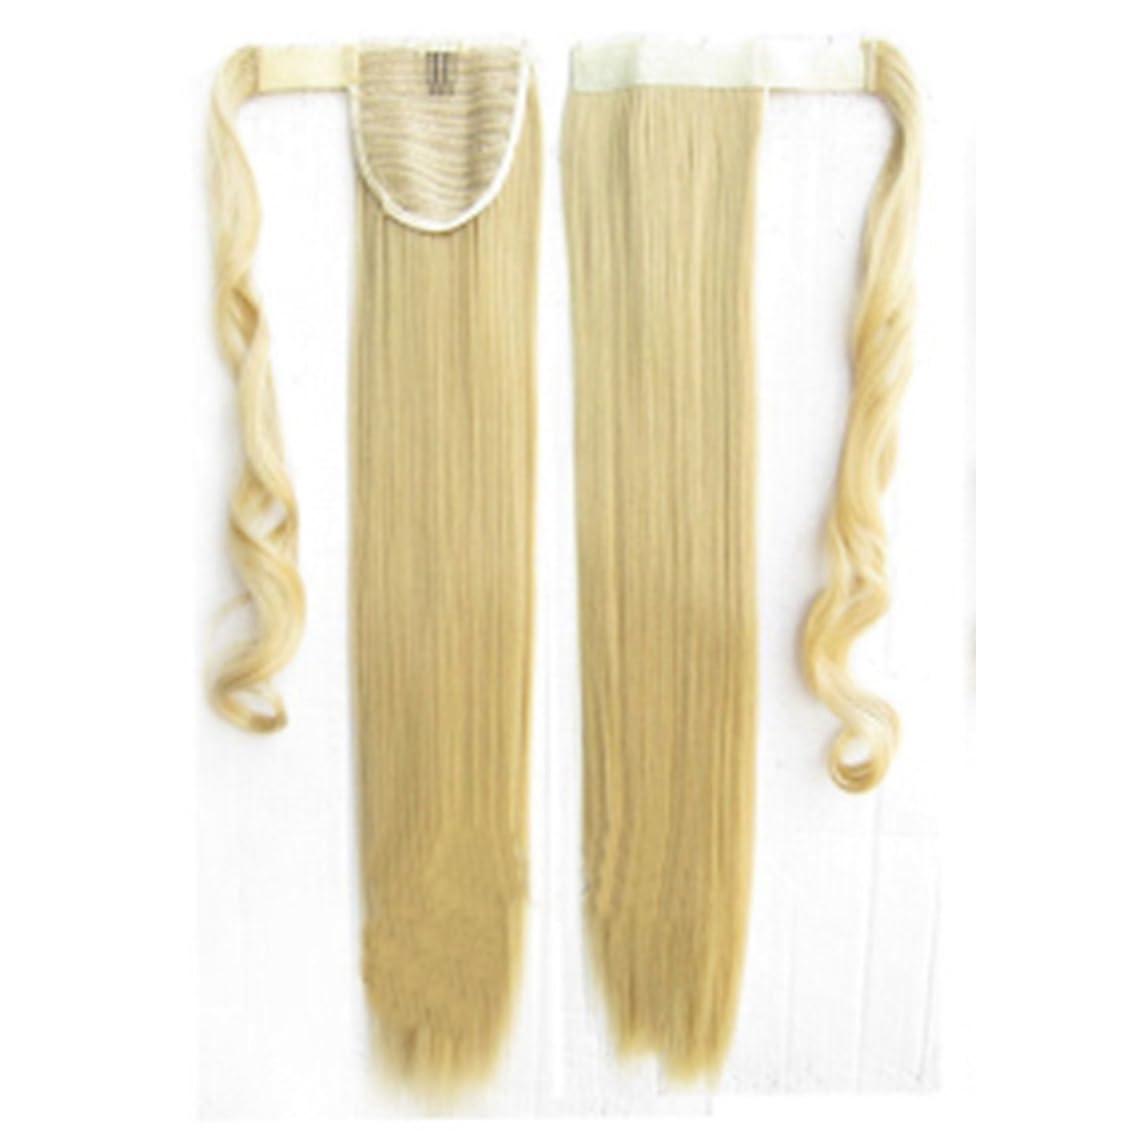 襲撃せせらぎ礼儀Koloeplf 女性 人間の髪 ポニーテール エクステンション ラップ 8 * 55センチメートル 100グラム 化学繊維 長い ストレート シルキーソフト(ブラック、ダーク ブラウン、ライト ブラウン、ゴールド、) (Color : Silver)